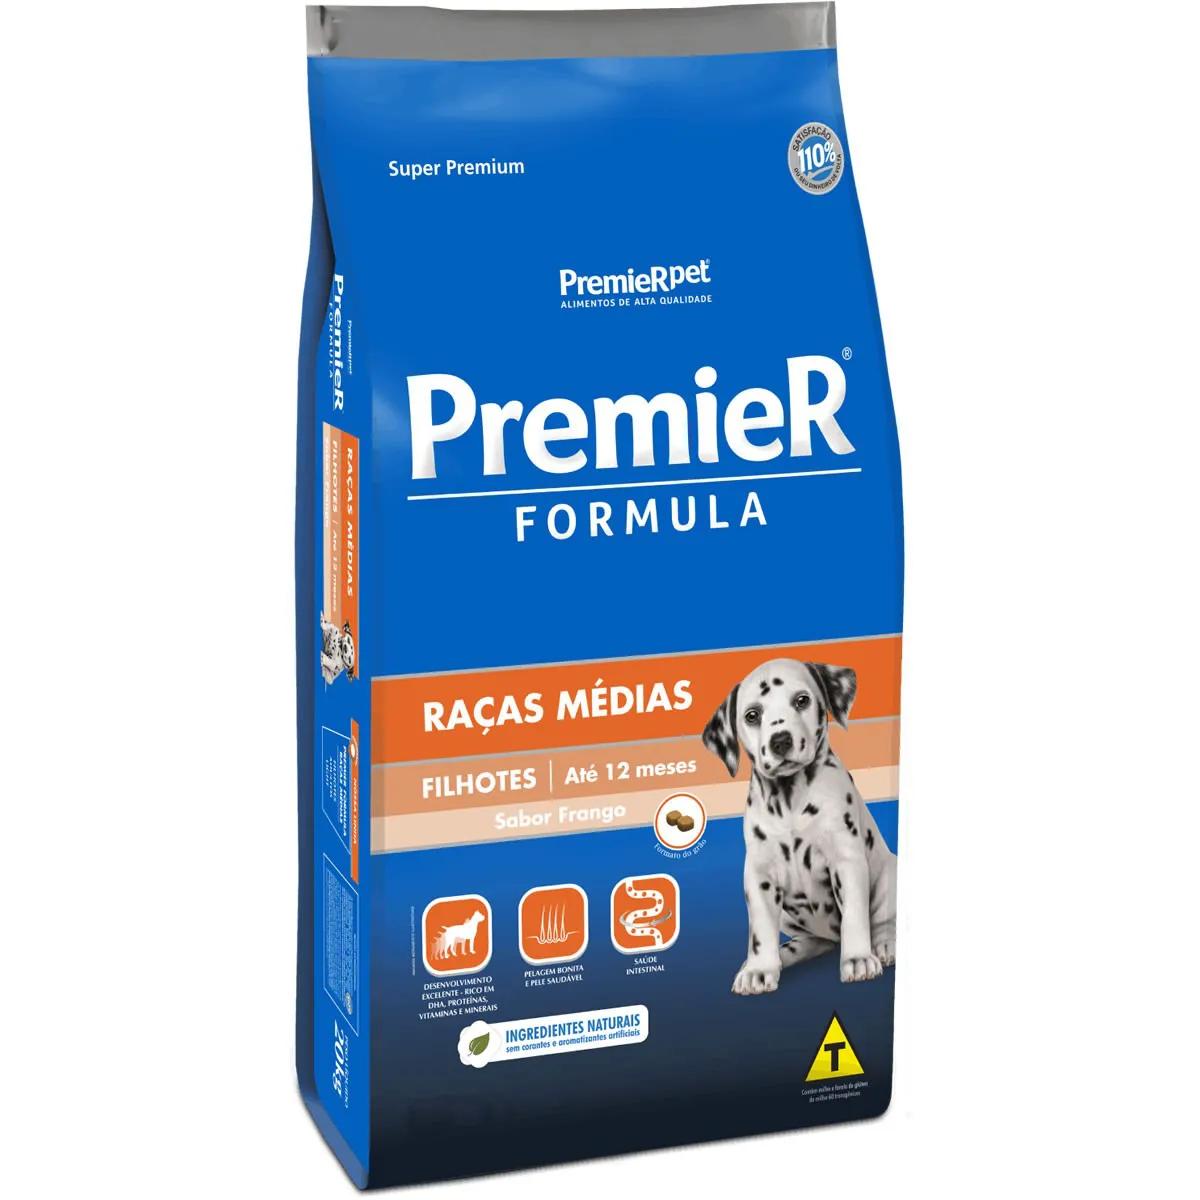 Ração Premier Formula Raças Médias para Cães Filhotes Sabor Frango